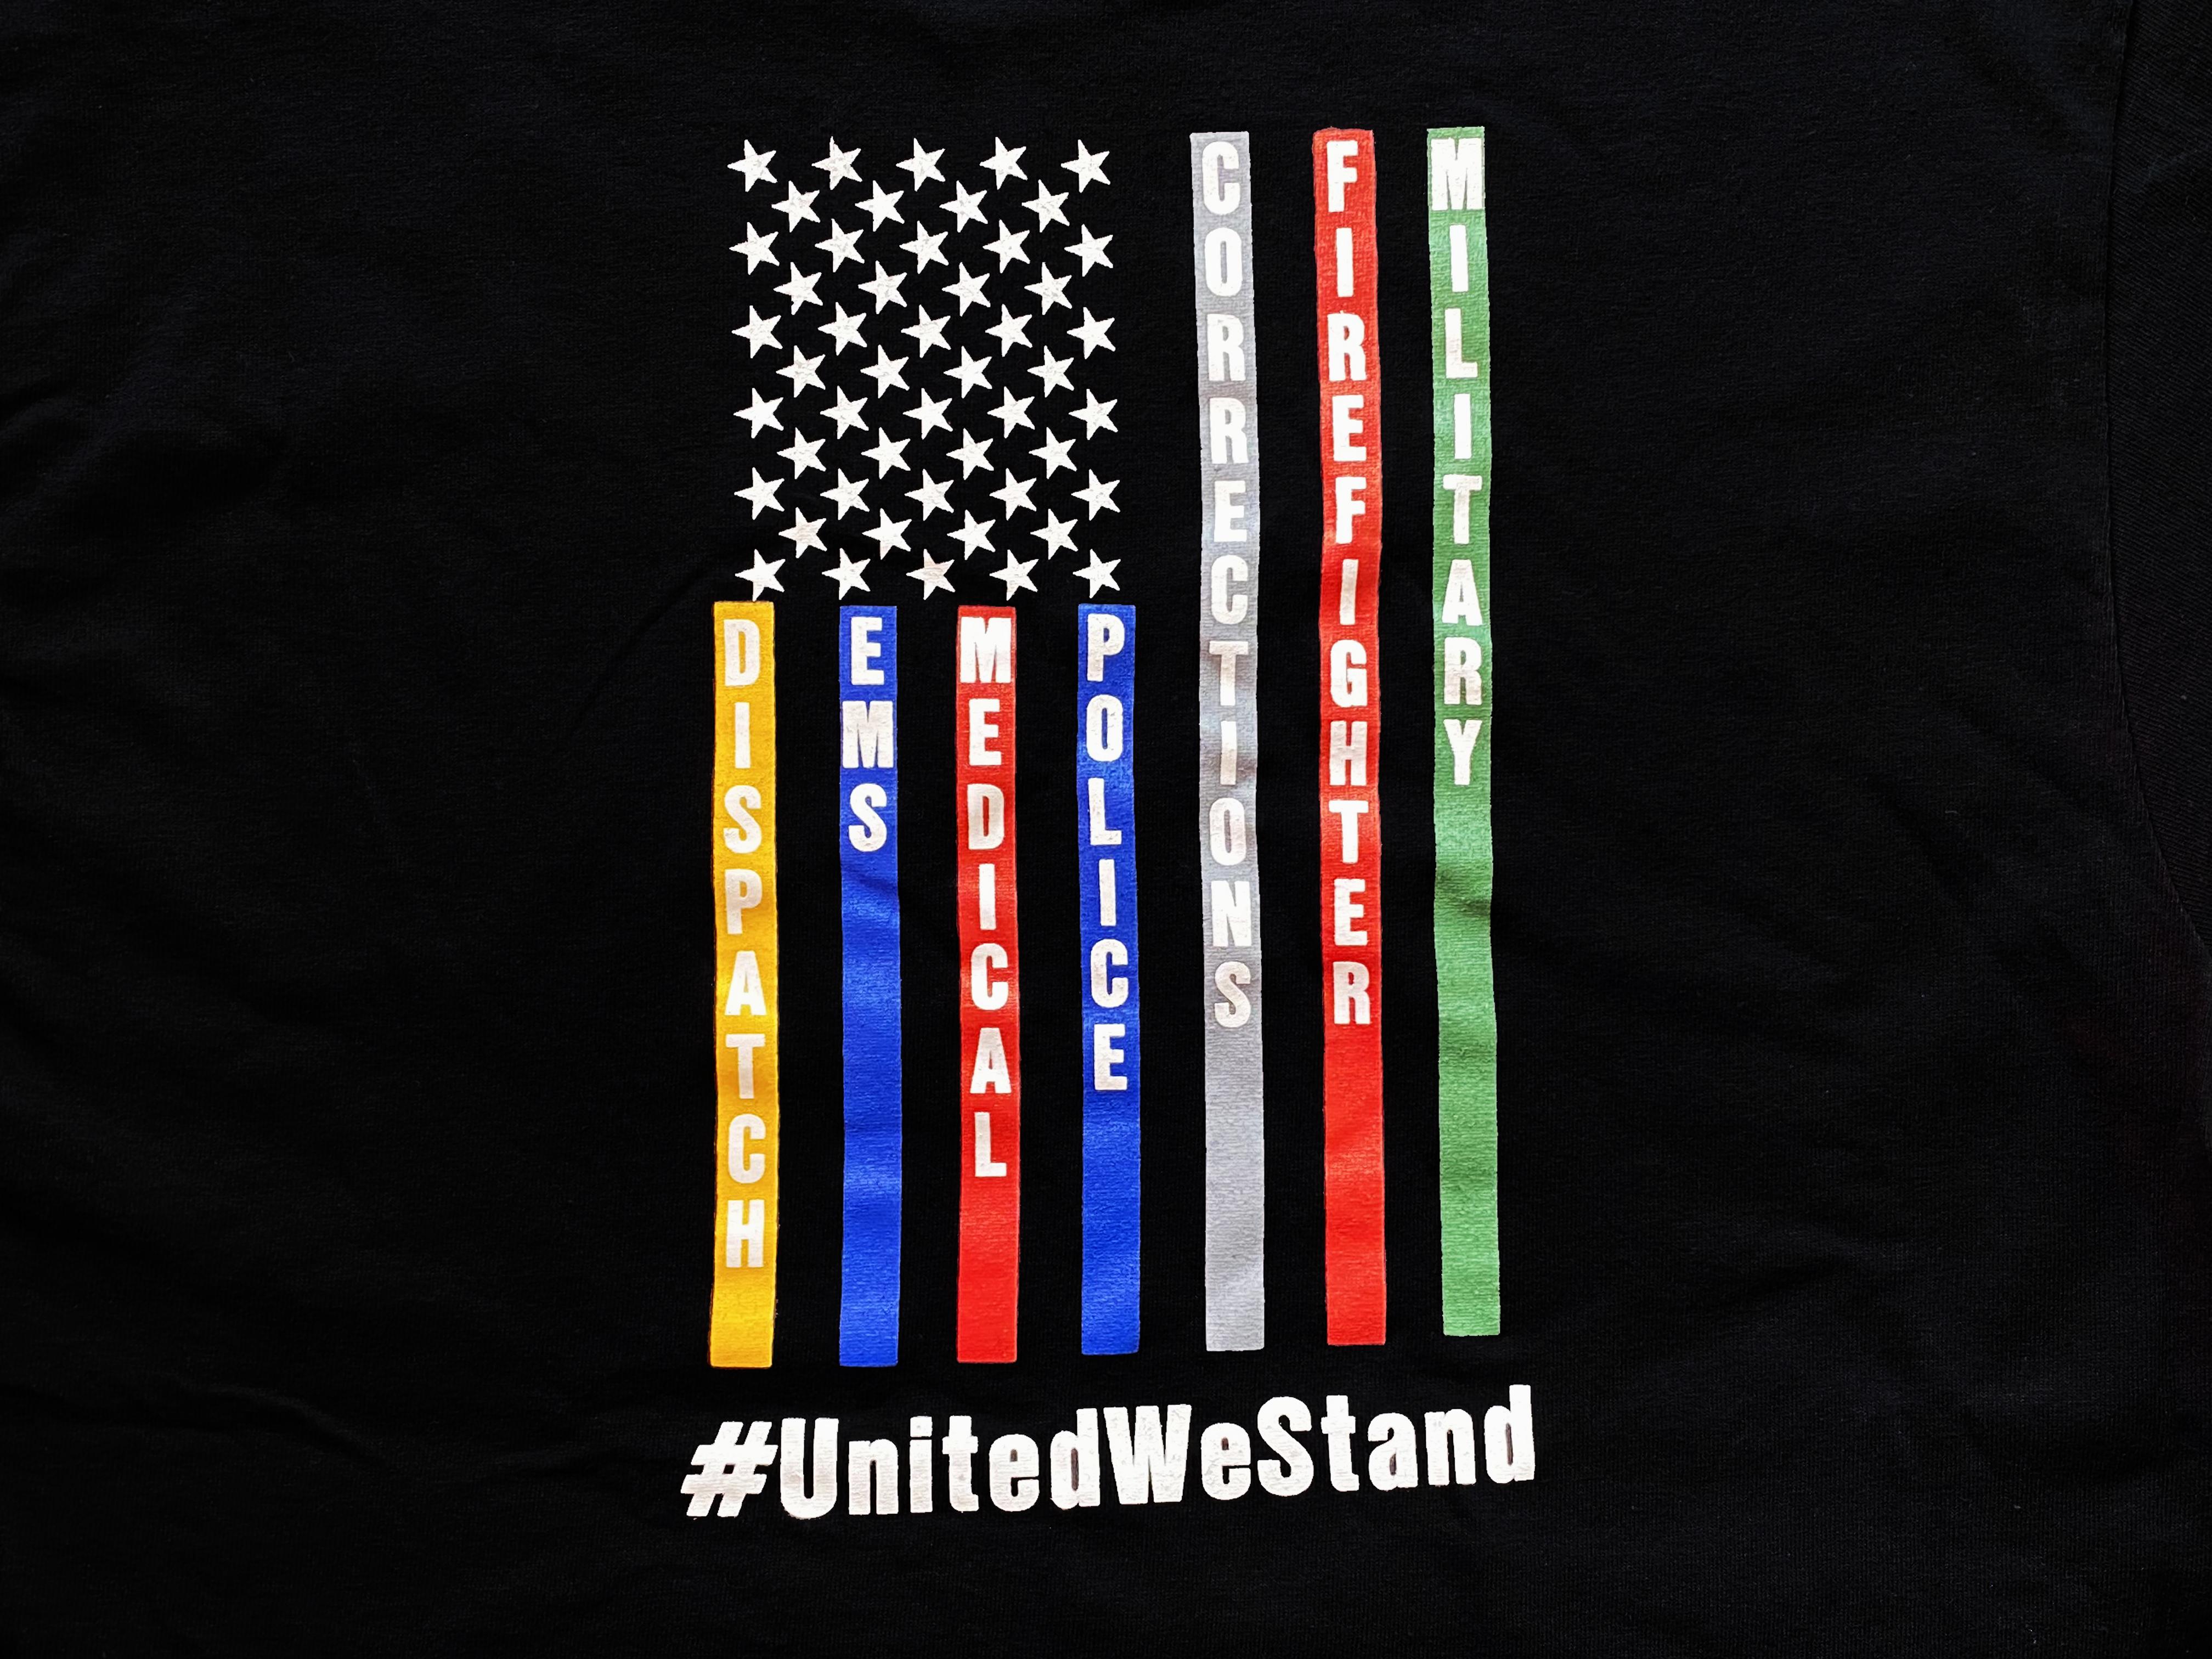 https://0901.nccdn.net/4_2/000/000/038/2d3/unitedwestand-silk-screen-shirt.png